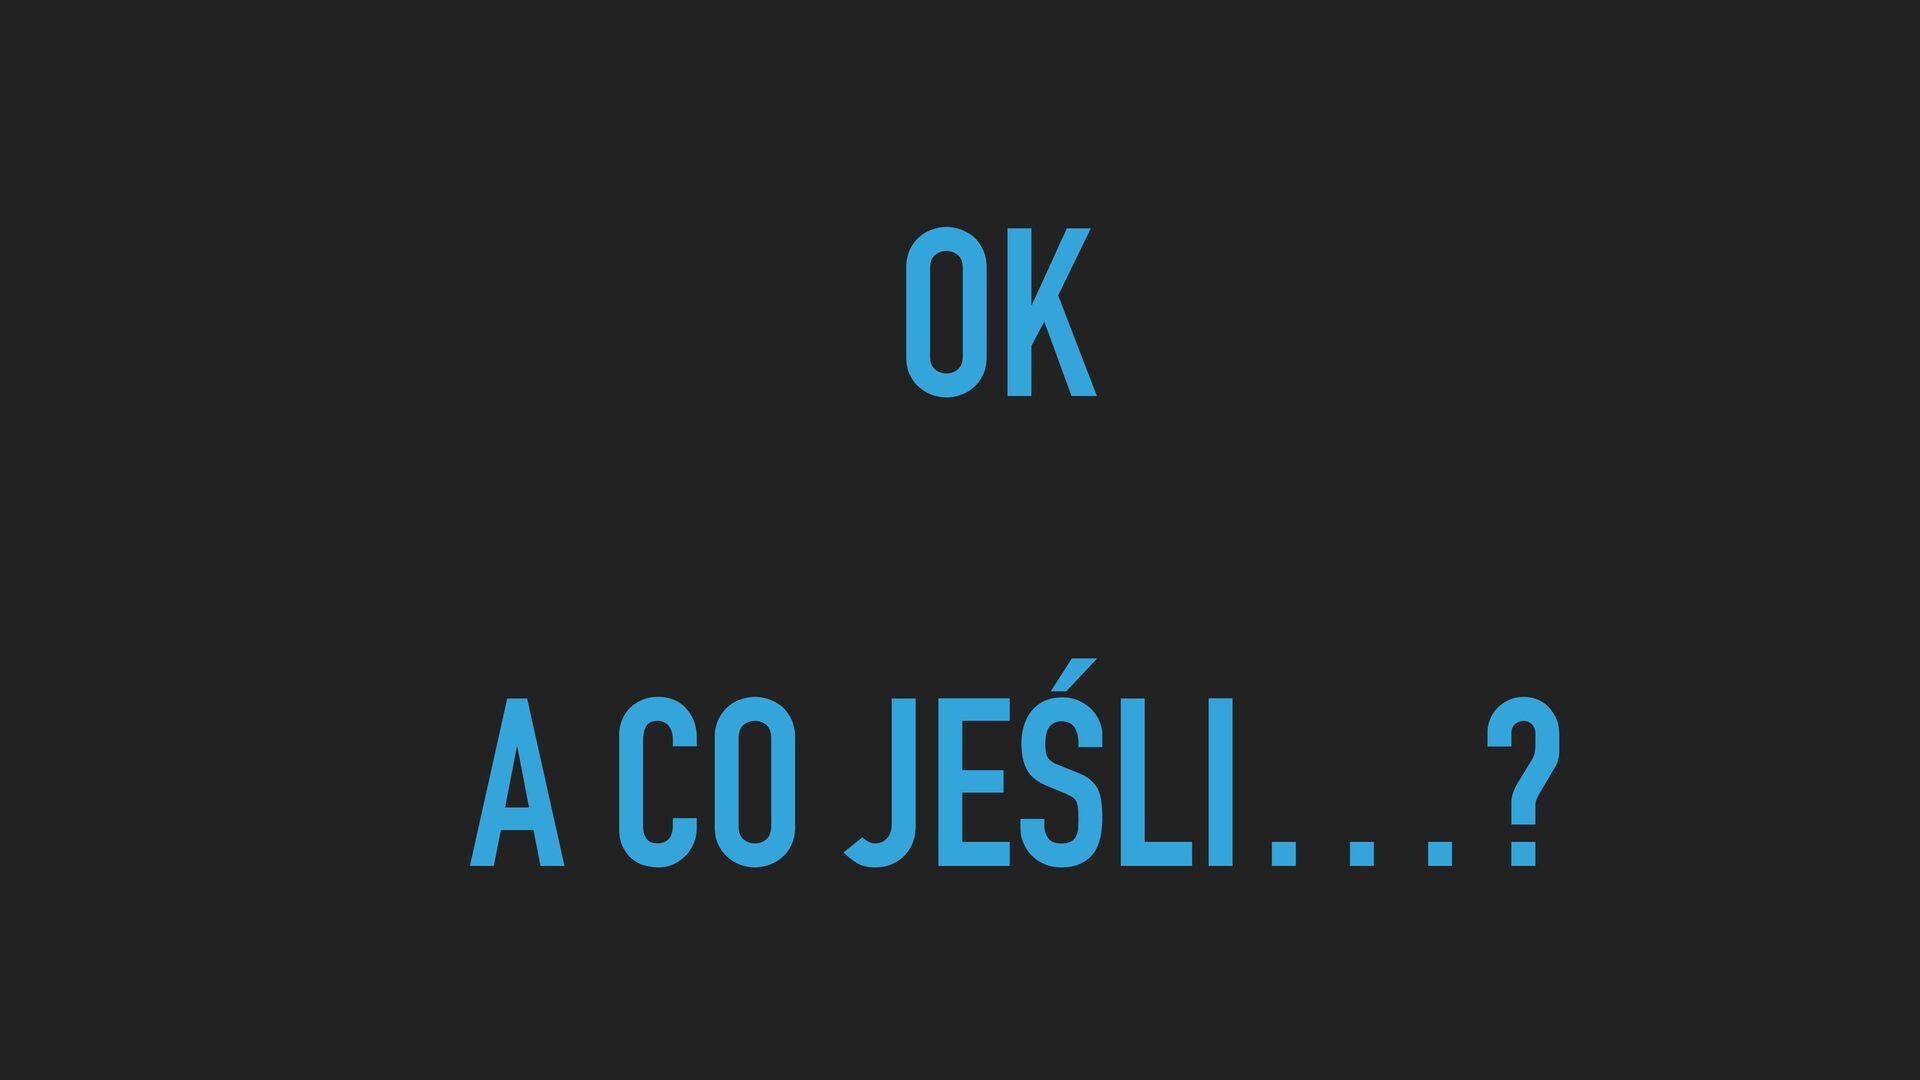 10000 UŻYTKOWNIKÓW   KAŻDY MA 1000 PRZYJACIÓŁ